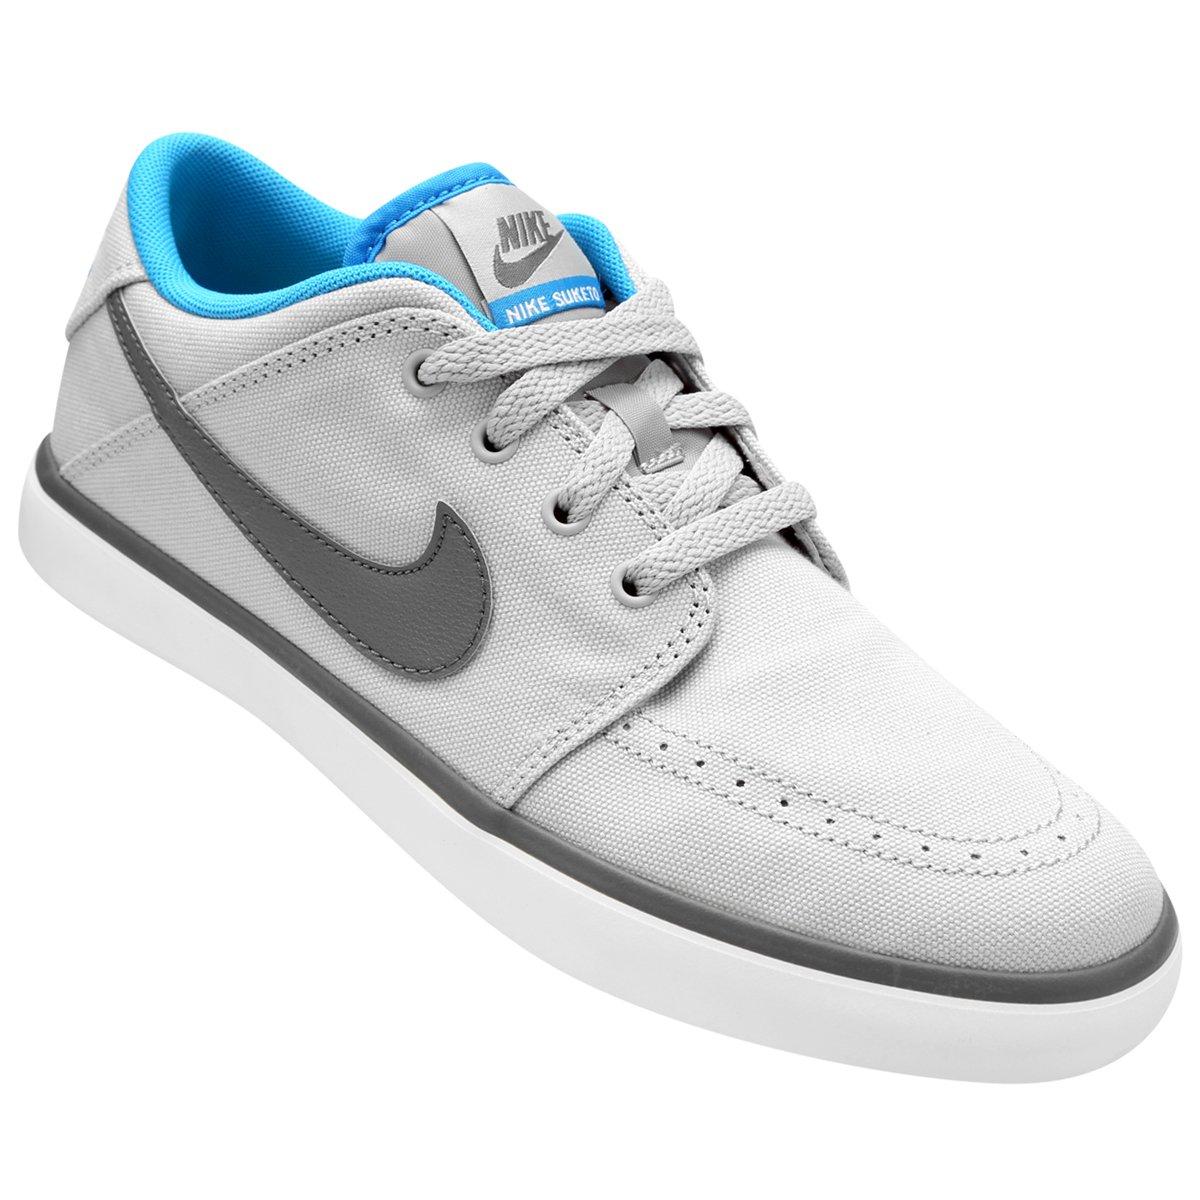 Tênis Nike Suketo - Compre Agora  9efea0fb3f286